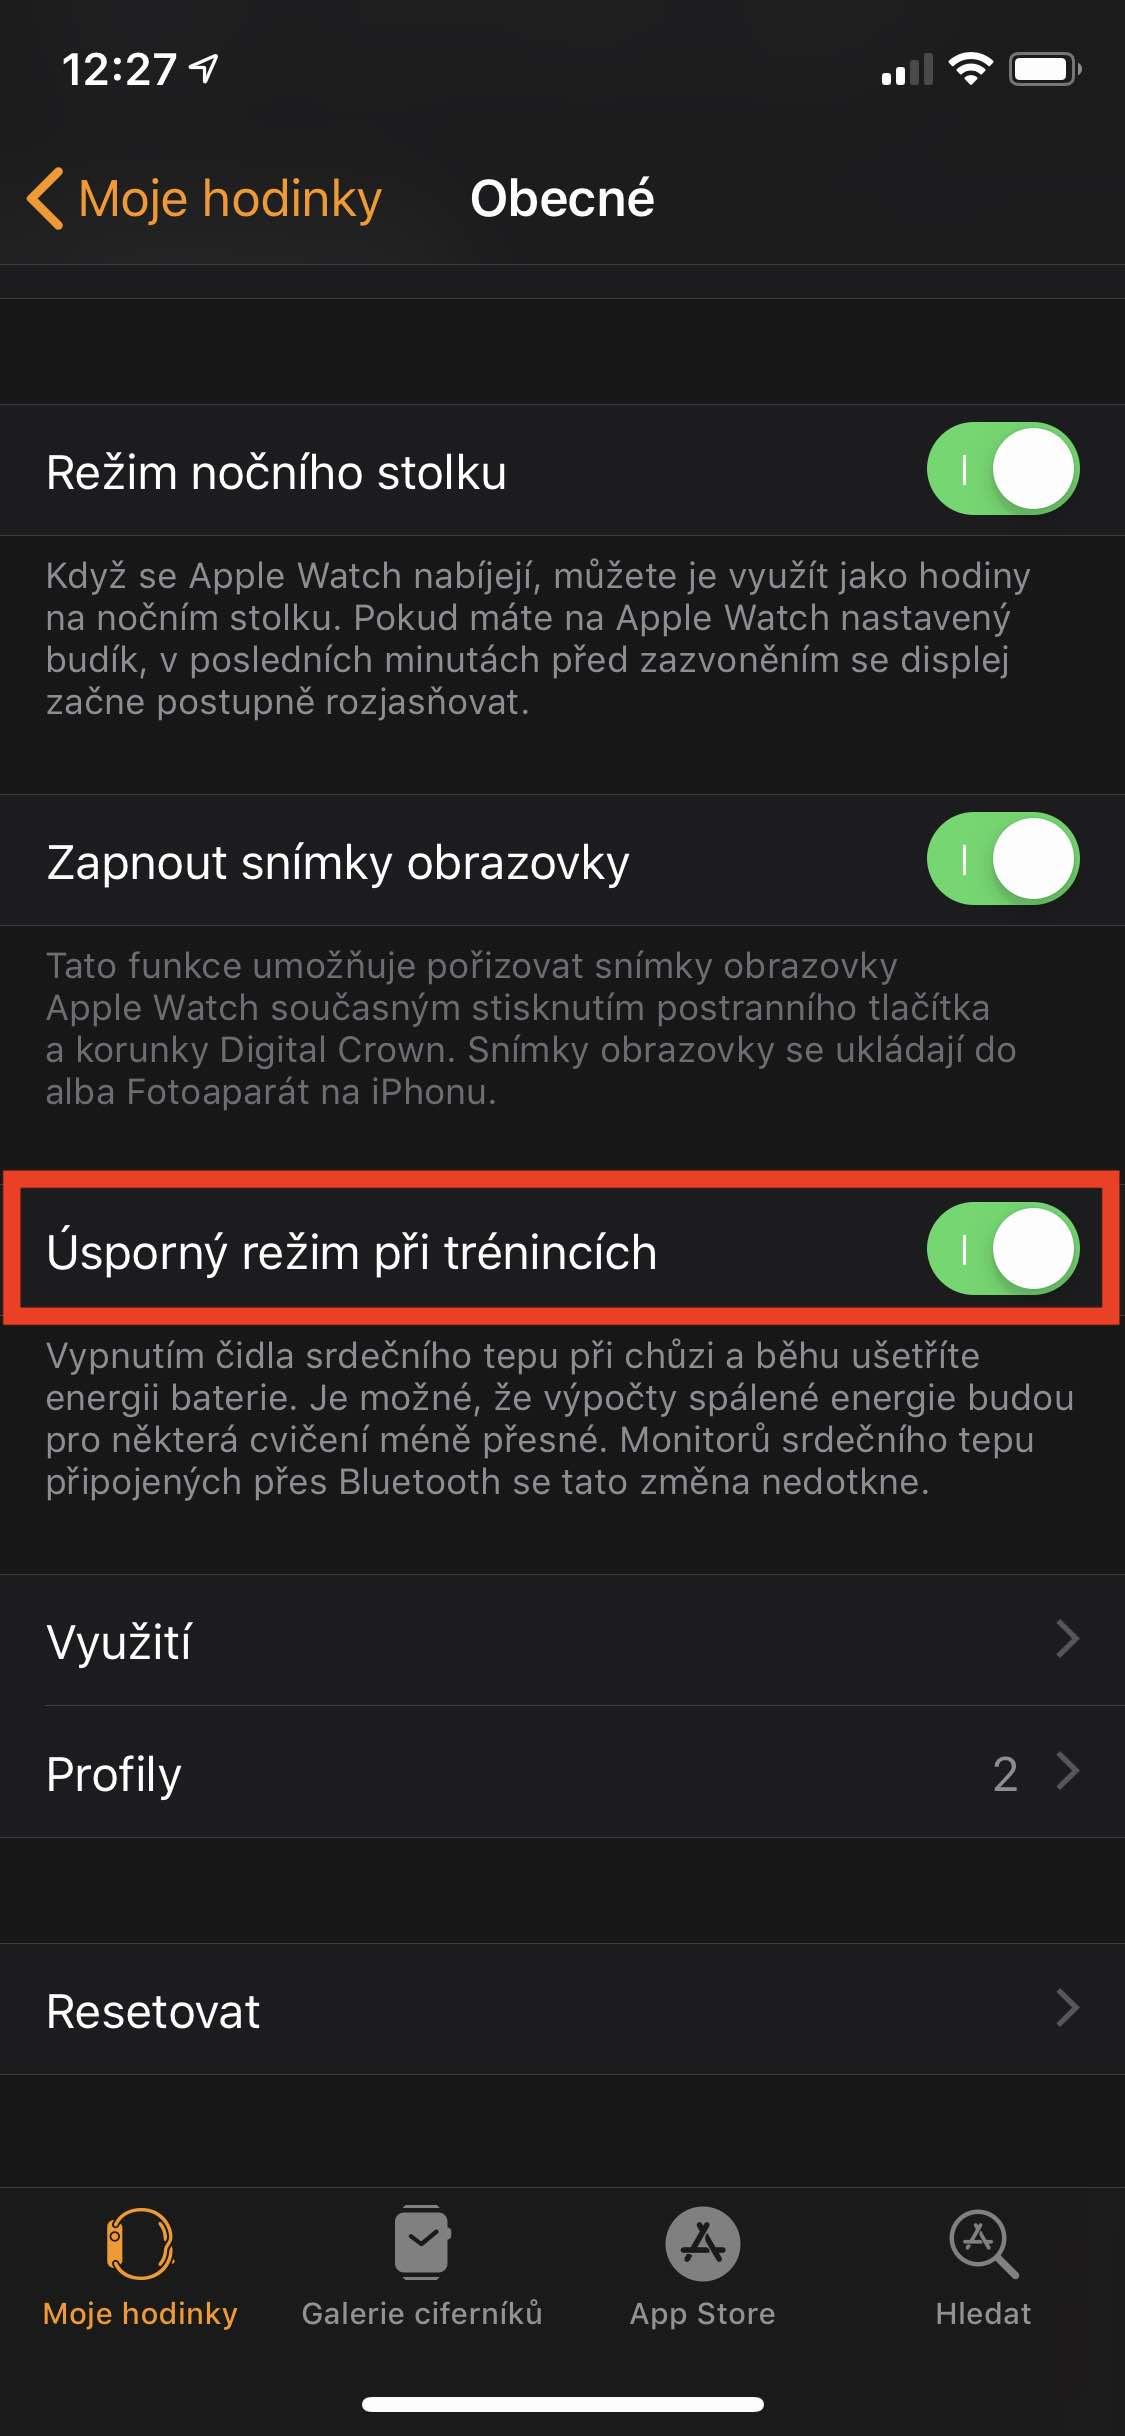 uspornyrezim_Aw3